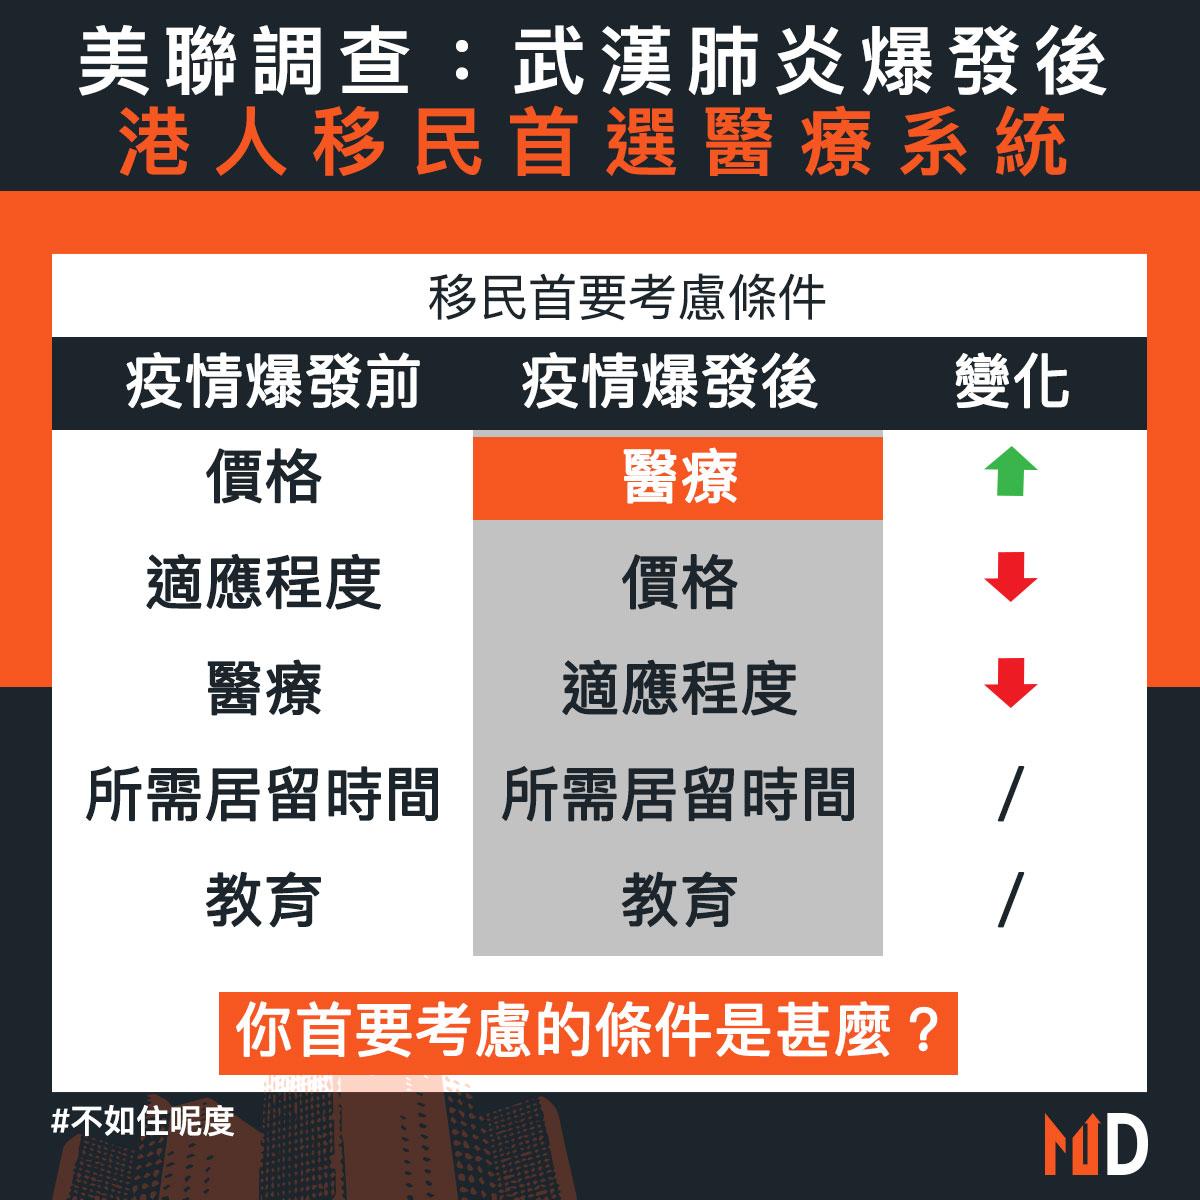 【不如住呢度】美聯調查:武漢肺炎爆發後 港人移民首選醫療系統